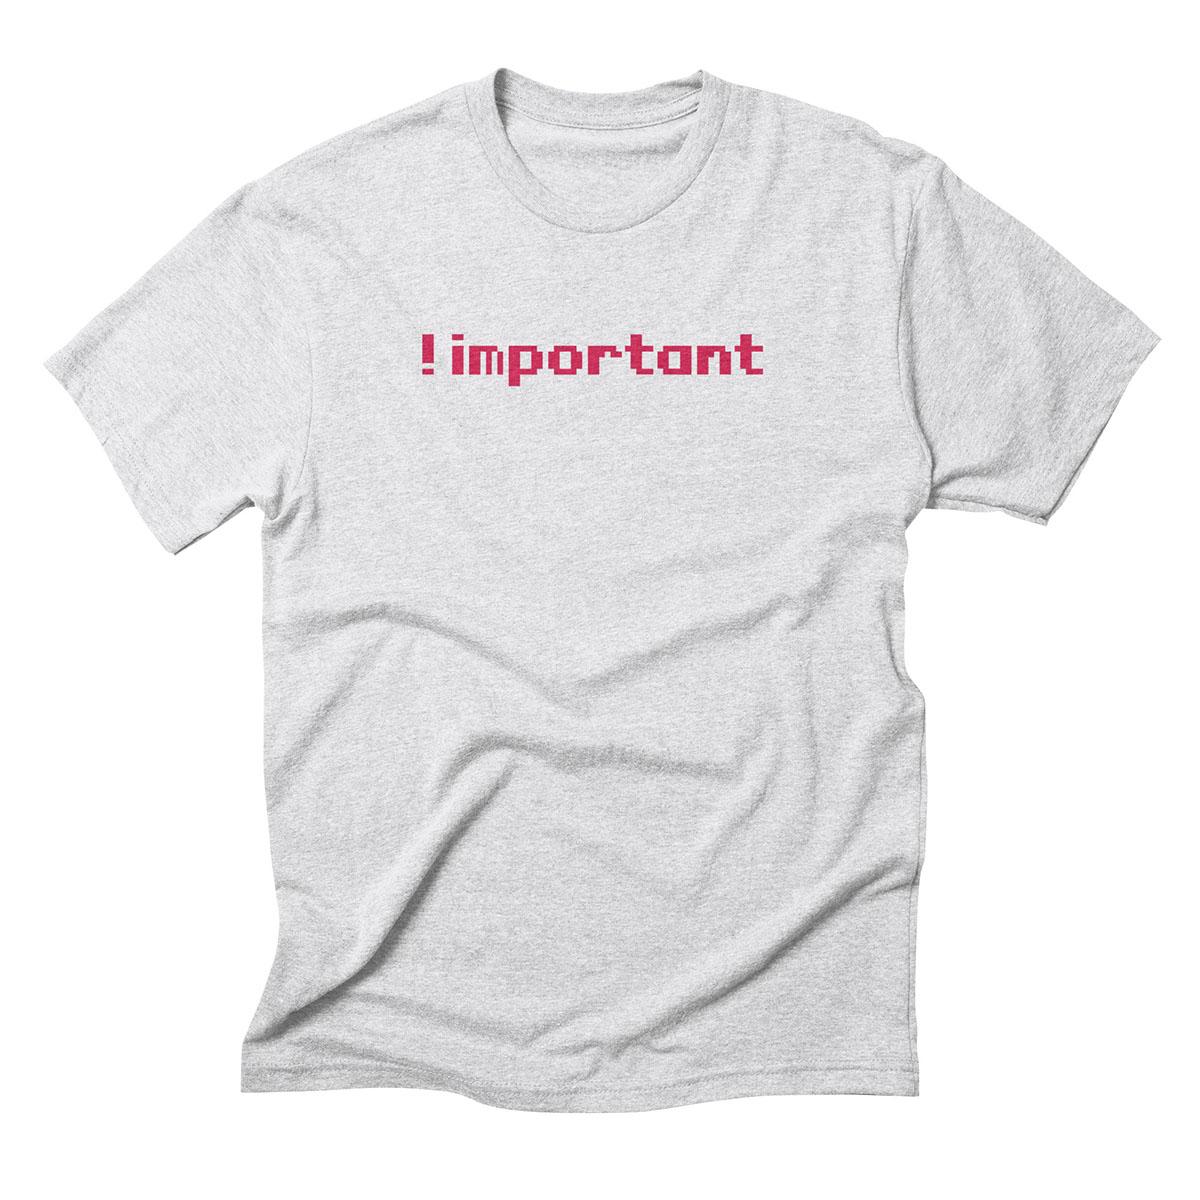 t-shirt simple type tees Typeface joke